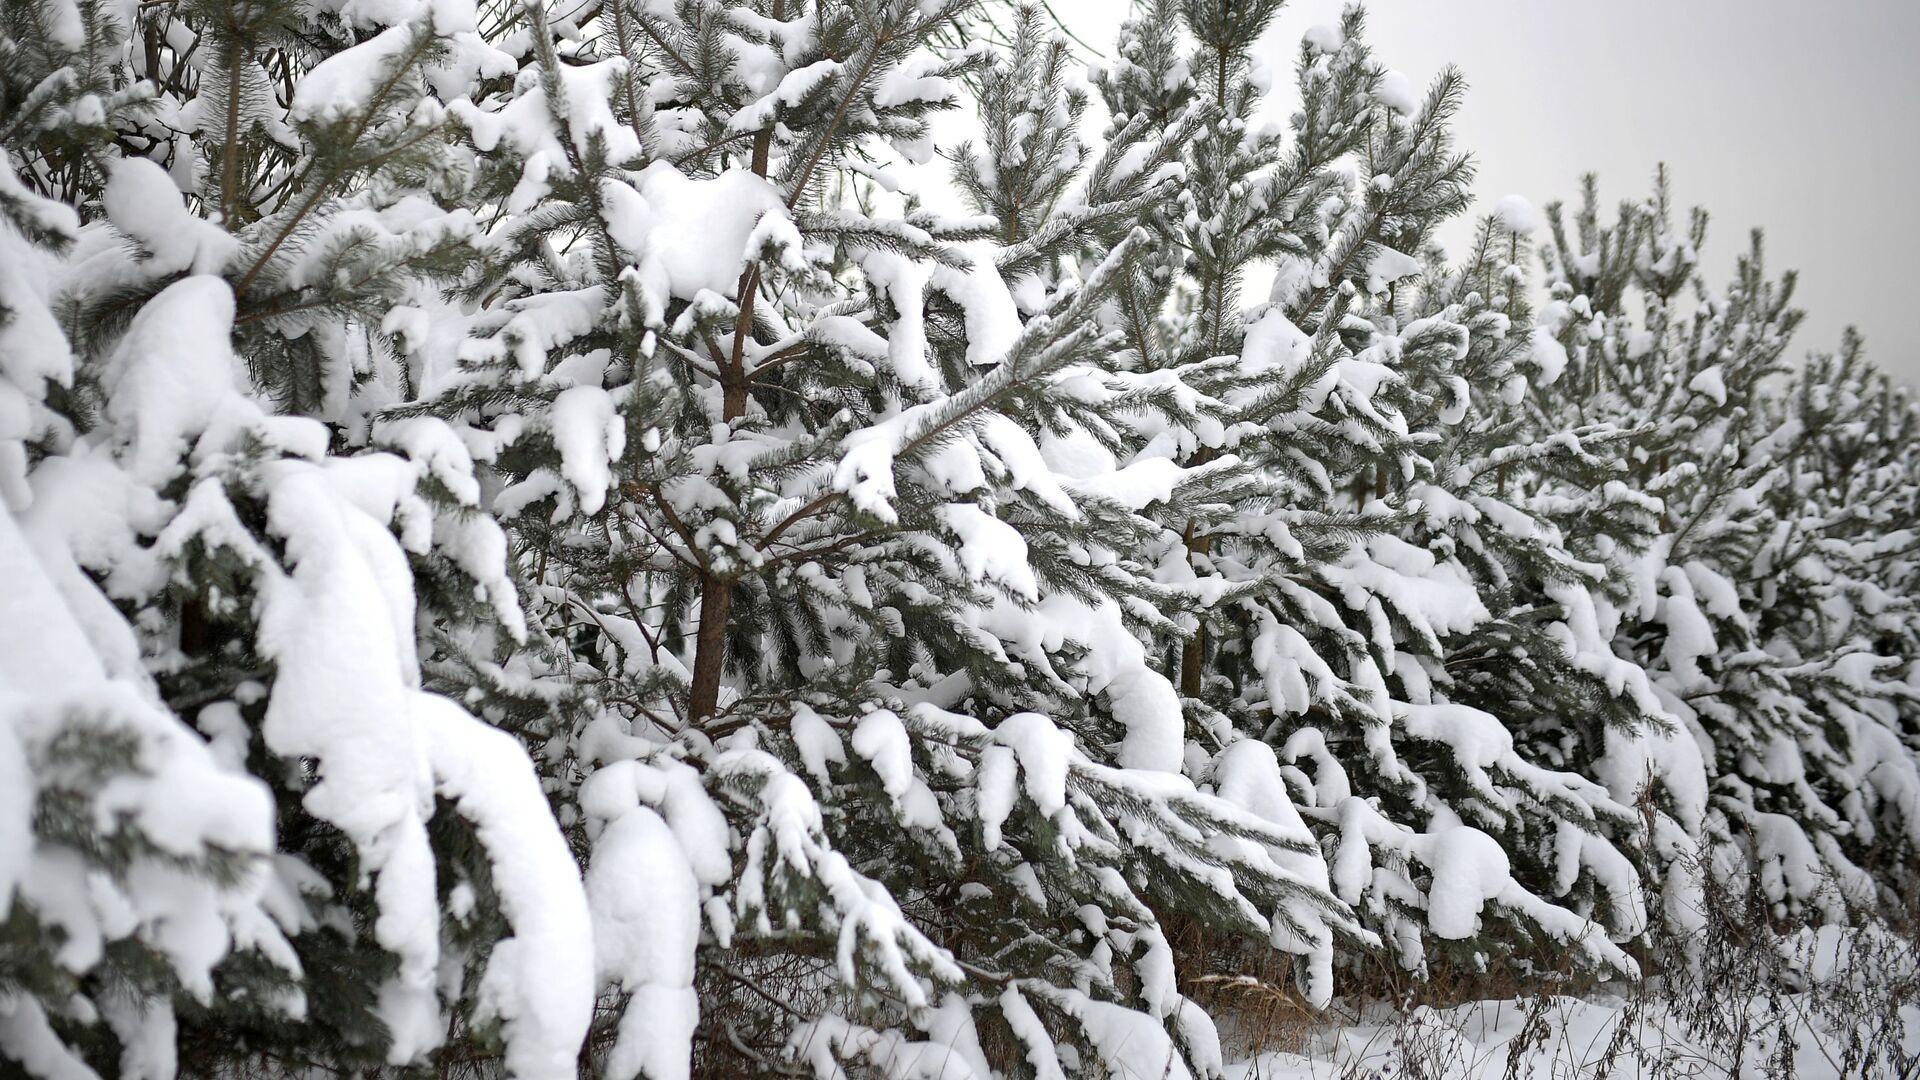 Рейд по незаконной вырубке елок в парке Кузьминки - РИА Новости, 1920, 28.12.2018